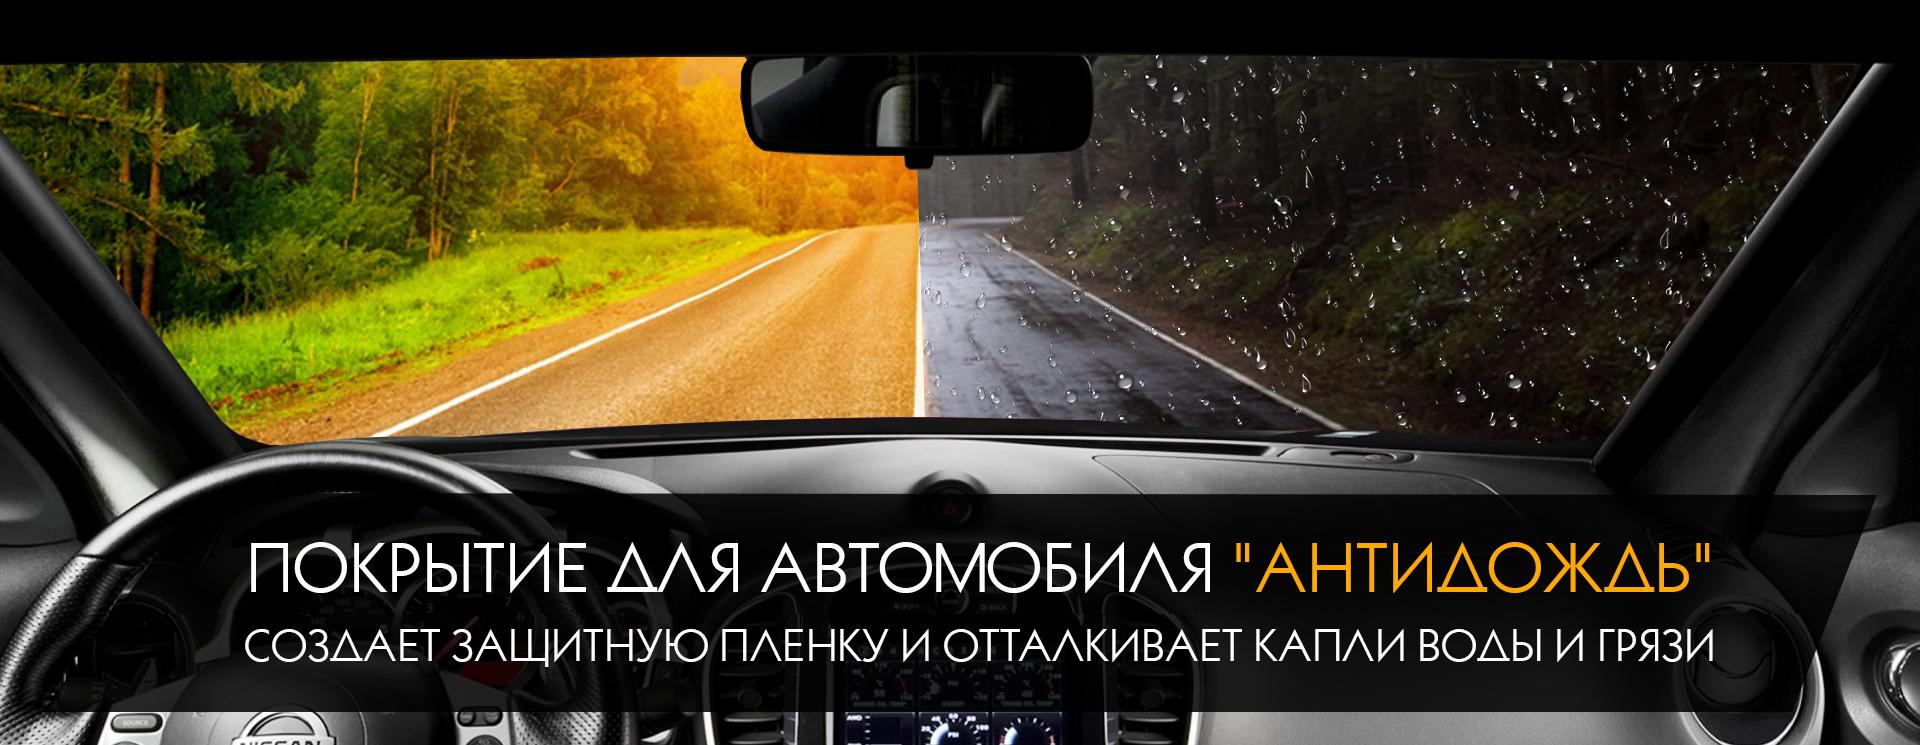 """Покрытие для автомобиля """"Антидождь"""""""